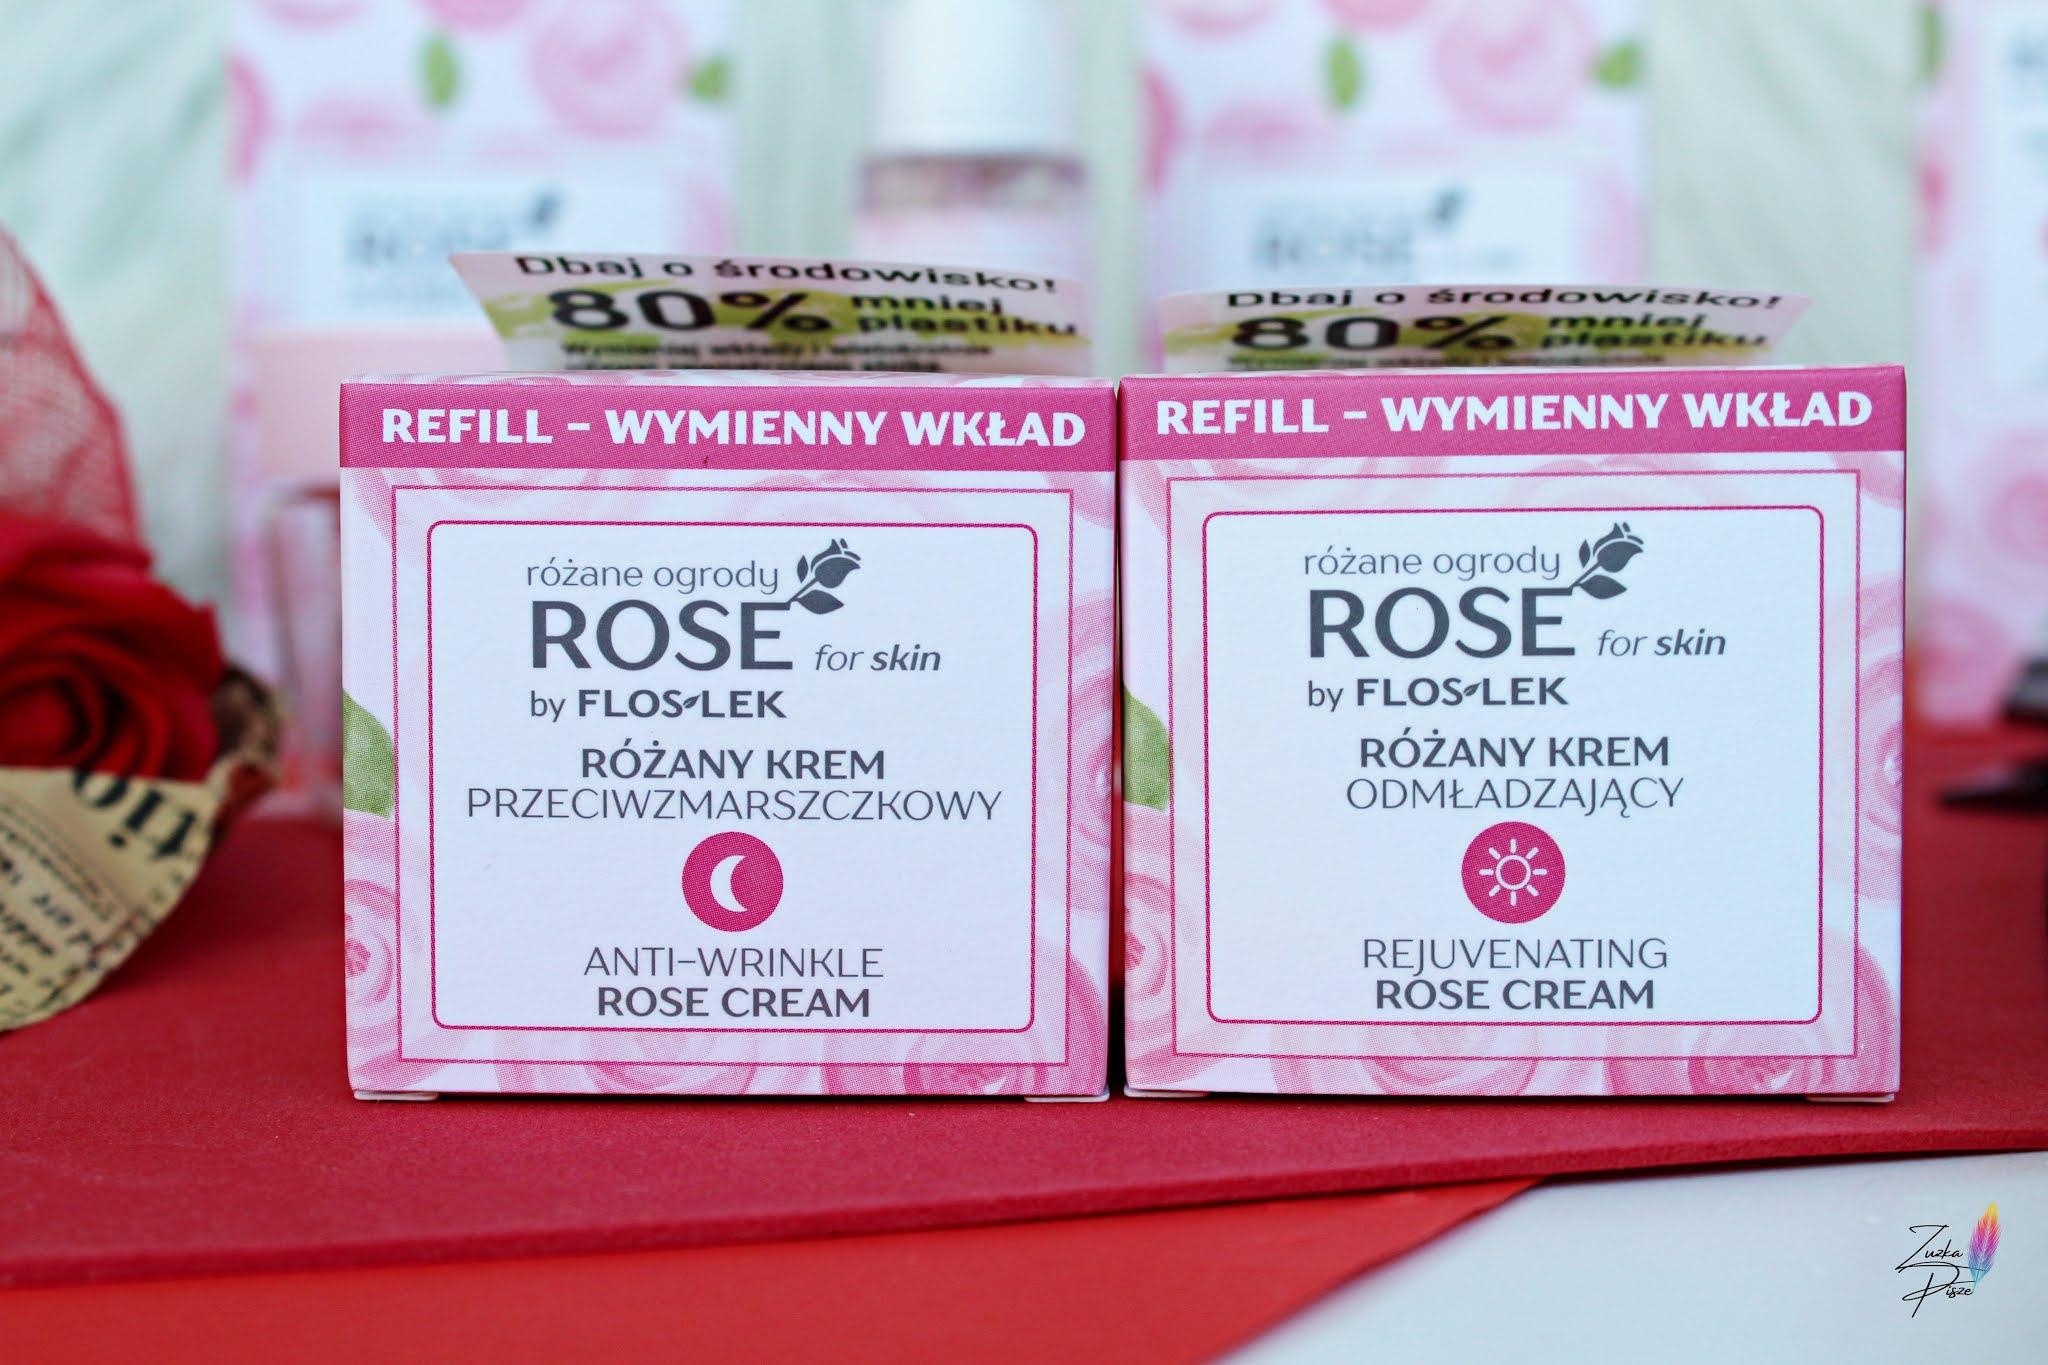 FLOSLEK ROSE for Skin różane ogrody – wegańskie kosmetyki z opakowaniem refill